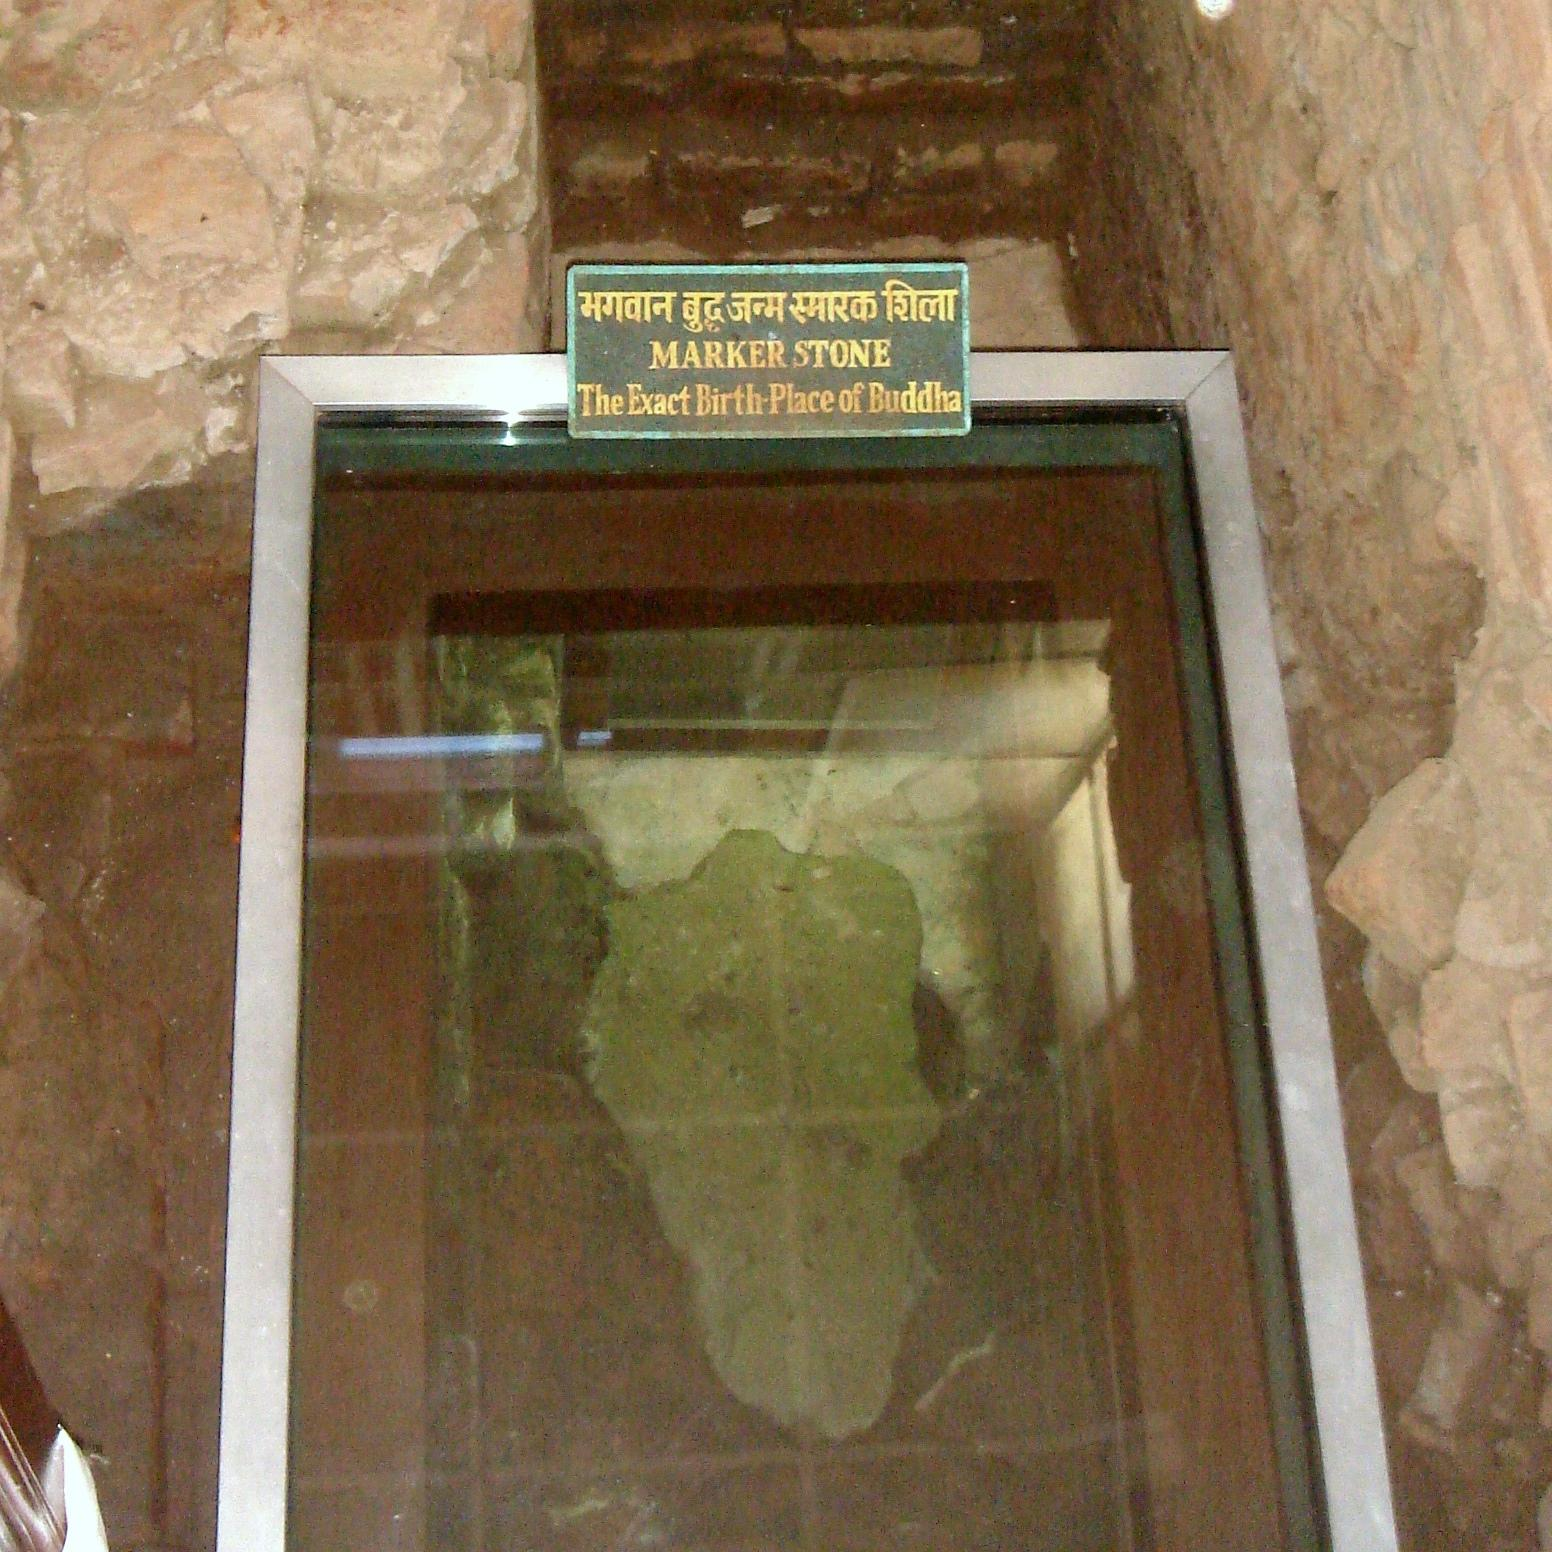 Exact birthplace of Gautama Buddha in Lumbini. This is a holy shrine also for Hindus, who believe Buddha is the 9th of 10 Dashavataras of Vishnu<!-- Cite book -->. List of Hindu scripture that declares Gautama Buddha as 9th Avatar of Vishnu as as follows [Harivamsha (1.41) Vishnu Purana (3.18) Bhagavata Purana (1.3.24, 2.7.37, 11.4.23 Bhagavata Purana 1.3.24 , Garuda Purana (1.1, 2.30.37, 3.15.26) Agni Purana (160.Narada Purana (2.72)Linga Purana (2.71) Padma Purana (3.252) etc. - SB 1.3.24: